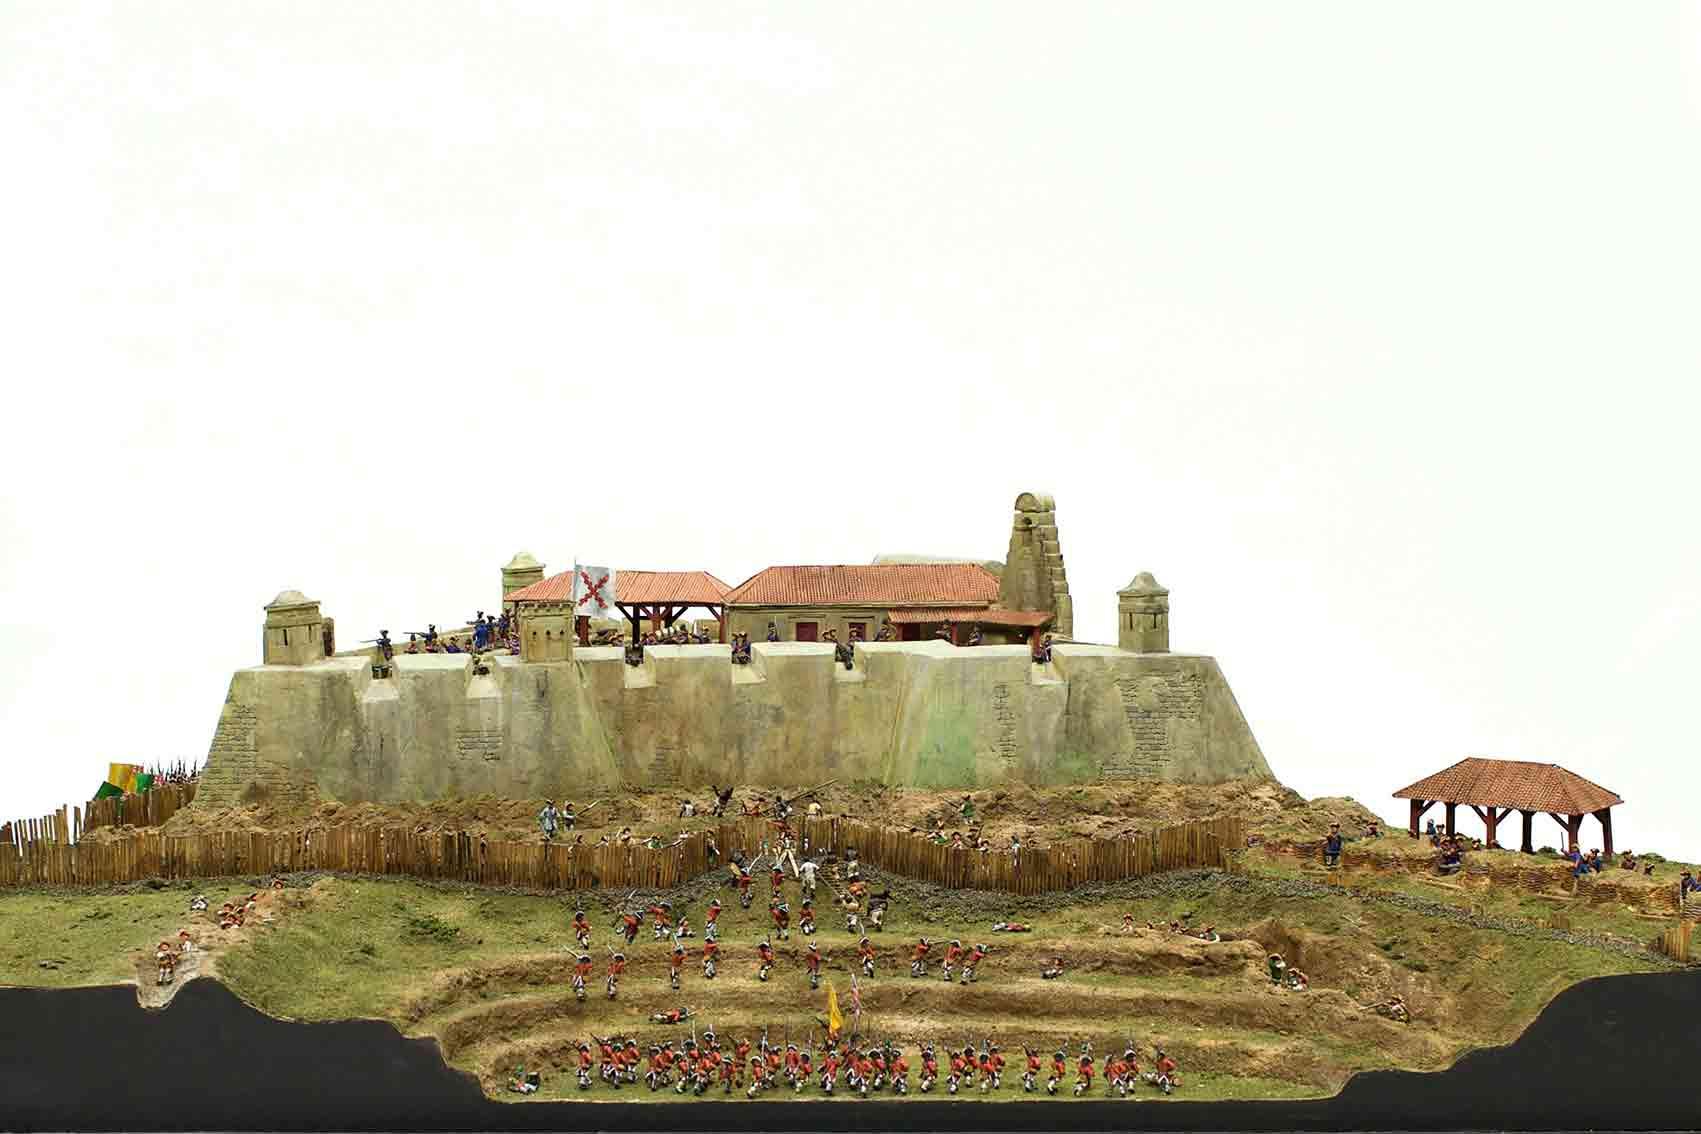 Maqueta del asedio a Cartagena de Indias (1741).